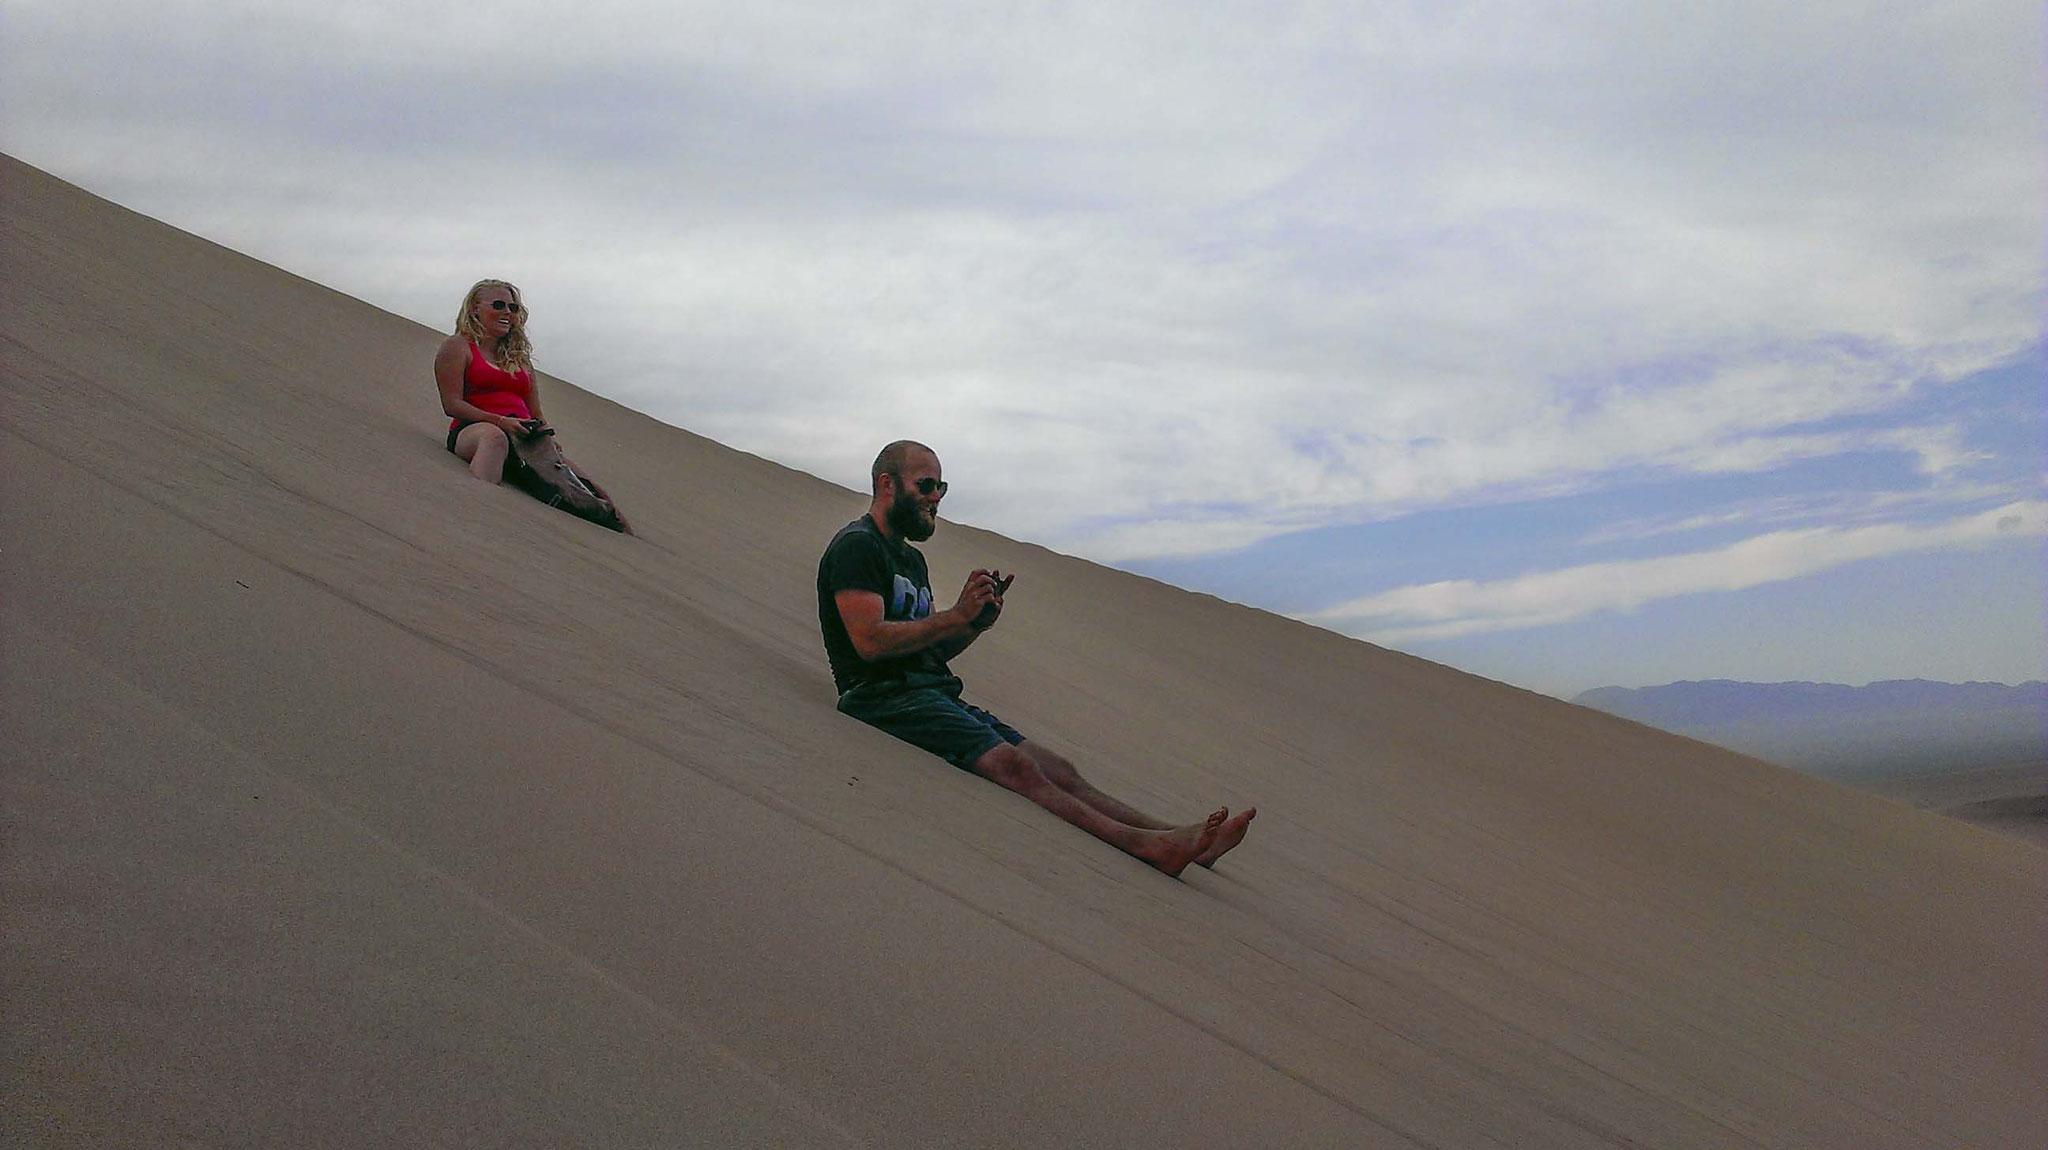 Bergab kommt dann der Ahha-Effekt: Die Düne Brummt bei jedem Schritt und besonders lustig, wenn man auf dem Hintern runter rutscht :D :D :D